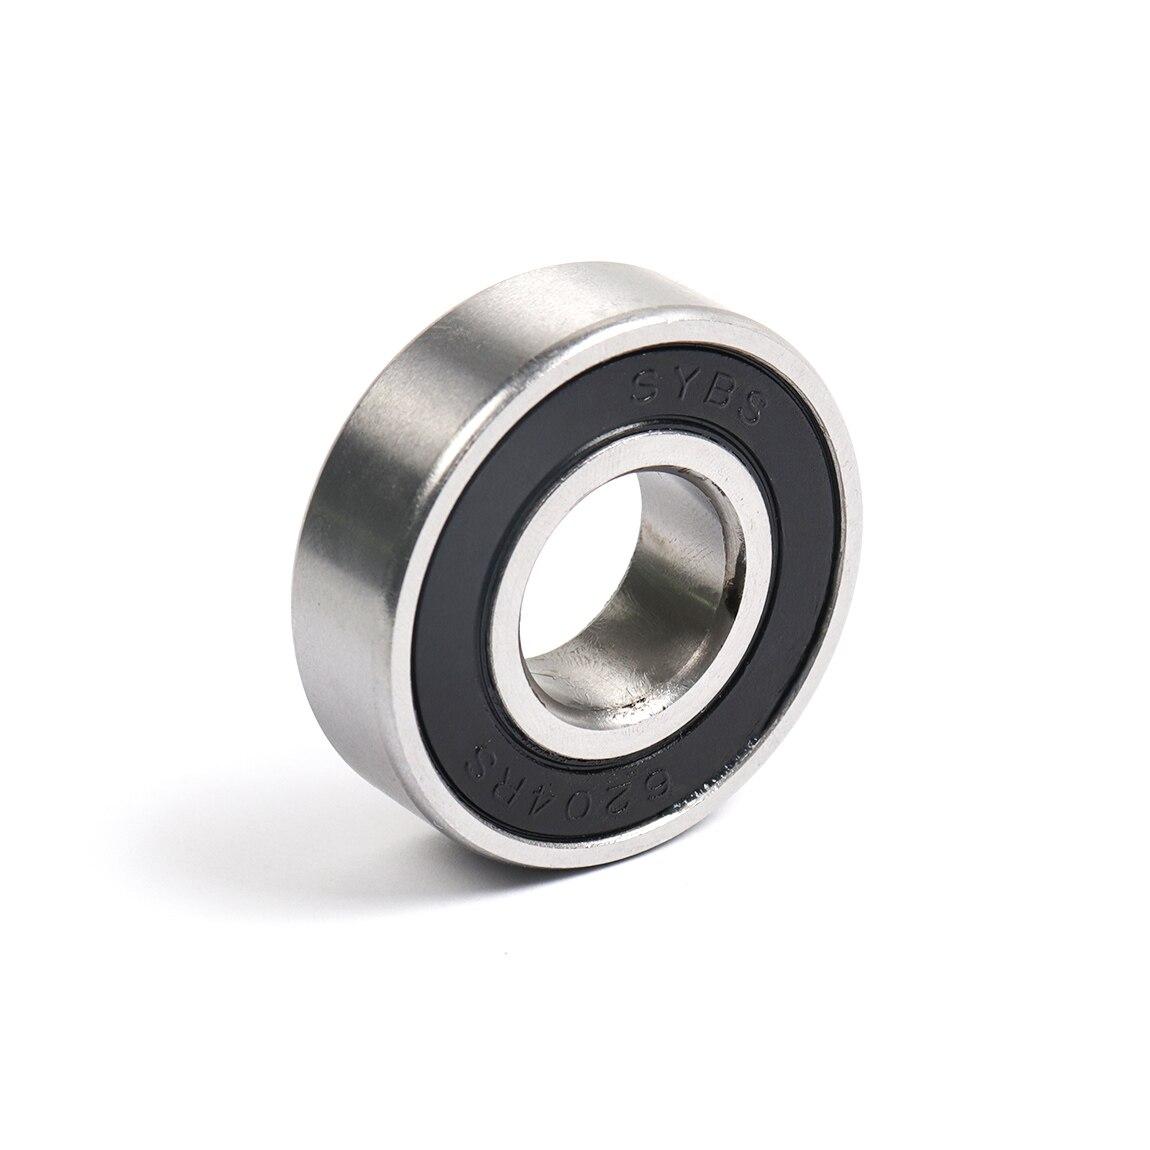 2x SYBS  Steel Shield Ball Bearings Motor Z3 Wheels Roller 6200/6201/6202/6203/6204